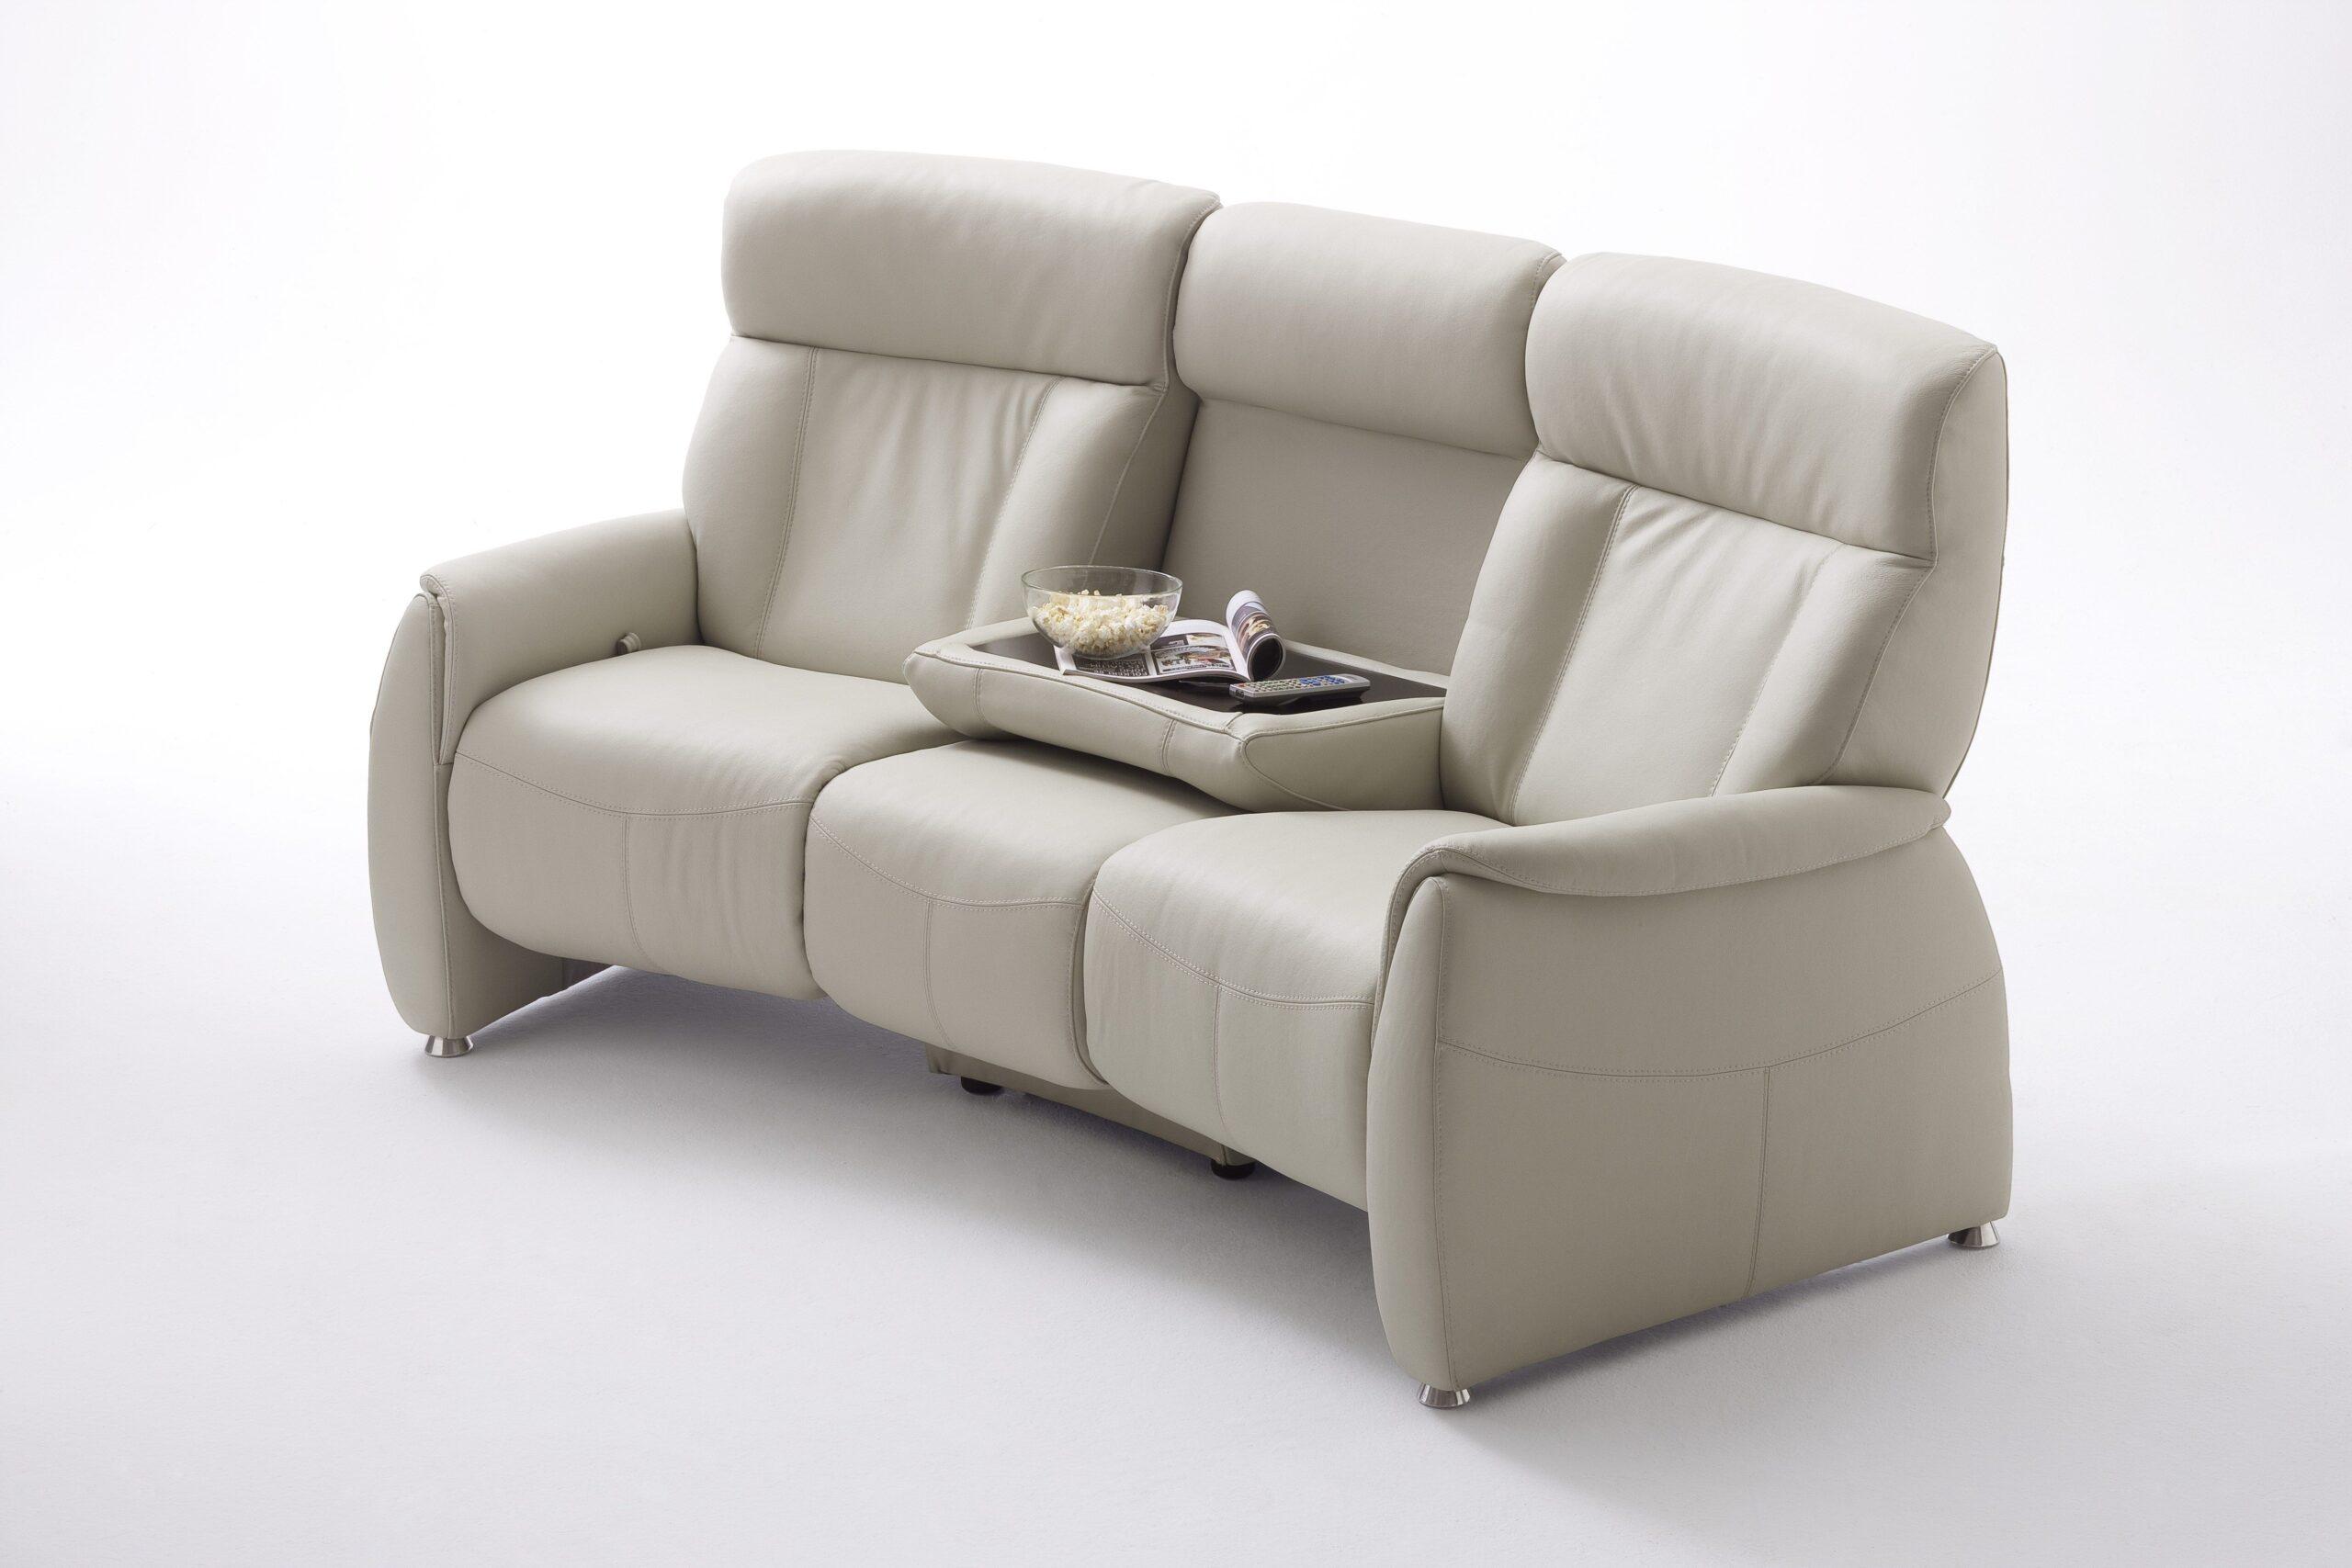 Full Size of 2 Sitzer Sofa Mit Relaxfunktion 2 Sitzer City Stoff Couch Elektrisch 5 Sitzer   Grau 196 Cm Breit 5 Integrierter Tischablage Und Stauraumfach Leder Gebraucht Sofa 2 Sitzer Sofa Mit Relaxfunktion